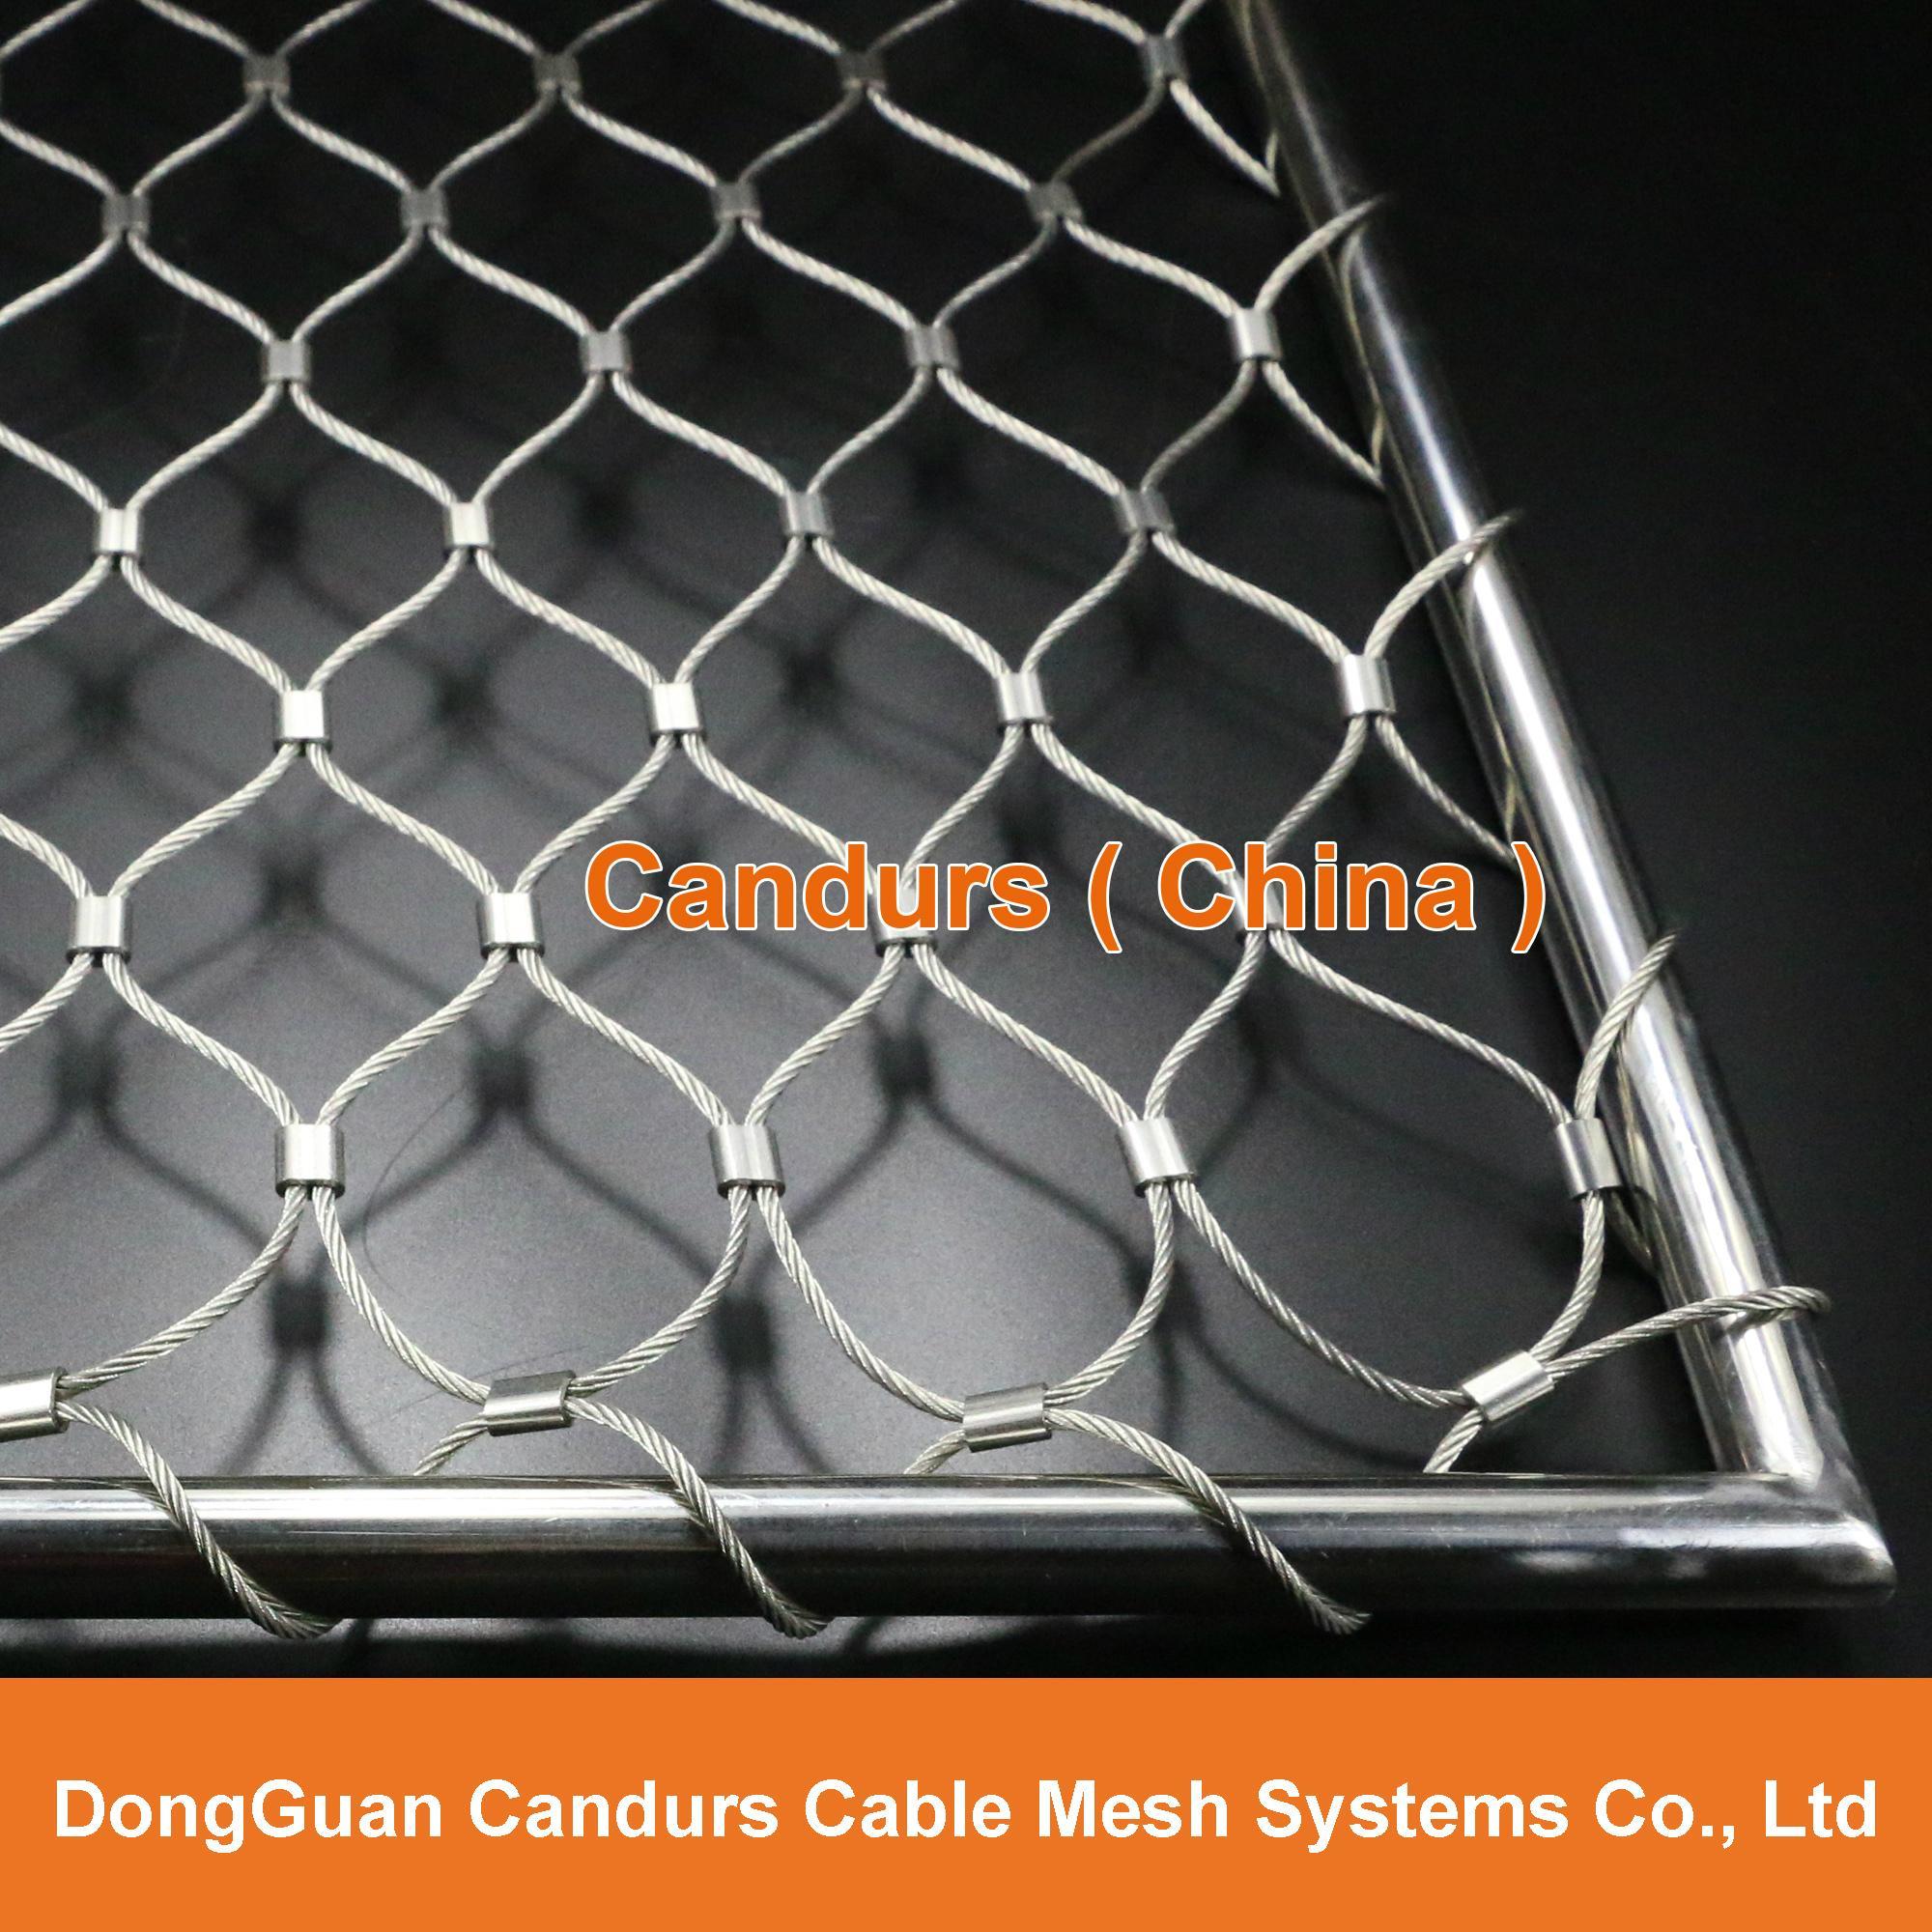 不鏽鋼實用裝飾防護網 10